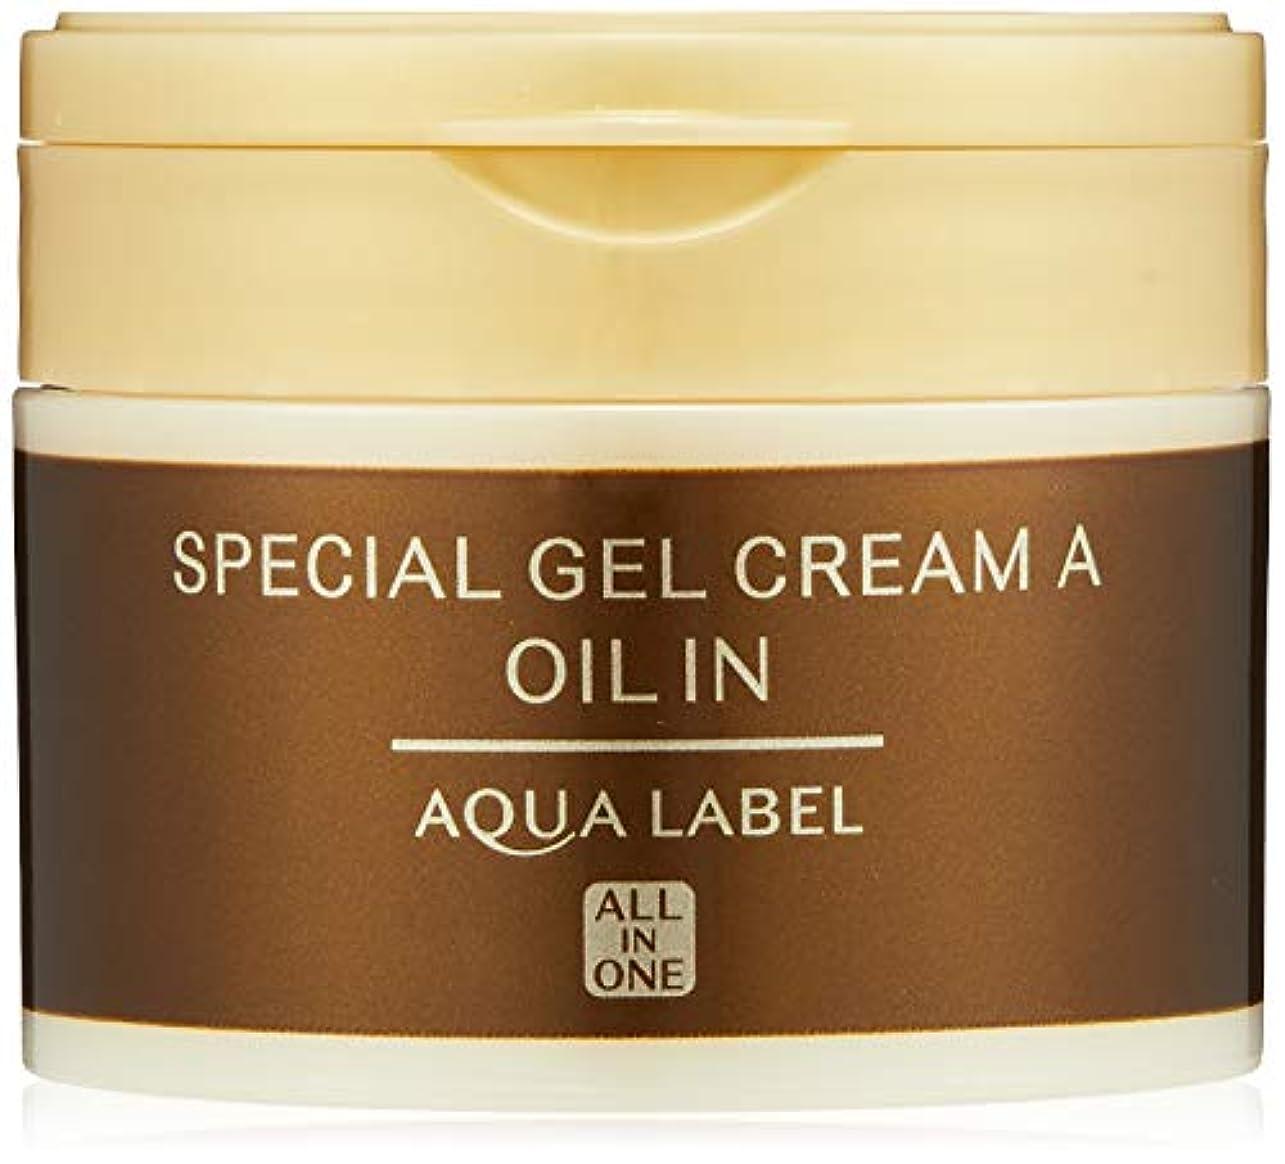 キリスト問題発掘するAQUALABEL(アクアレーベル) アクアレーベル スペシャルジェルクリームA (オイルイン) ハーバルローズの優しい香り 単品 90g